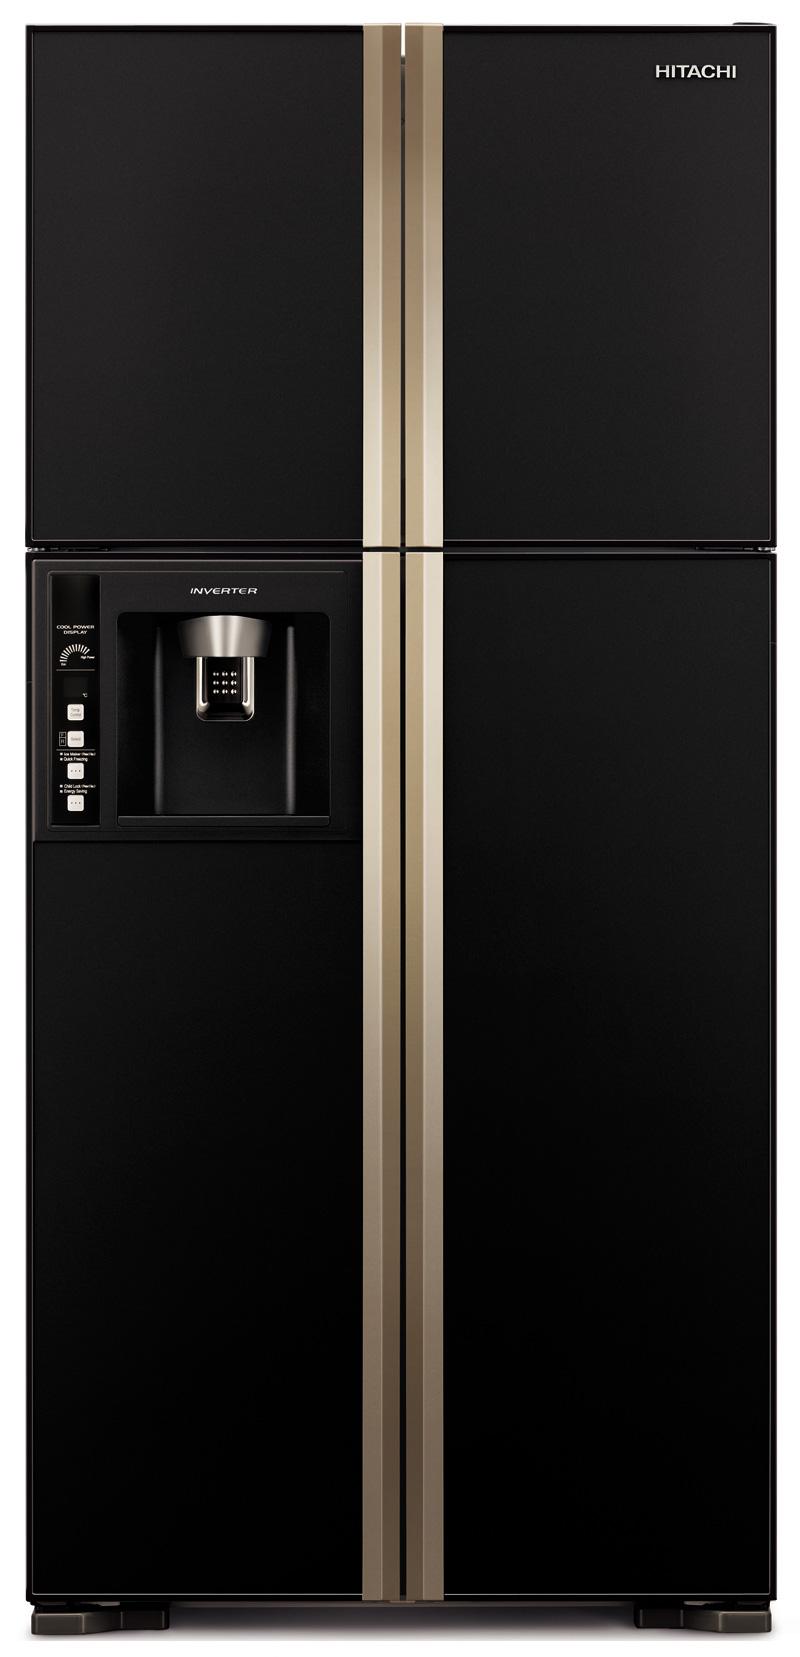 Side-By-Side Refrigerator  H-RW720FPG1XGBK